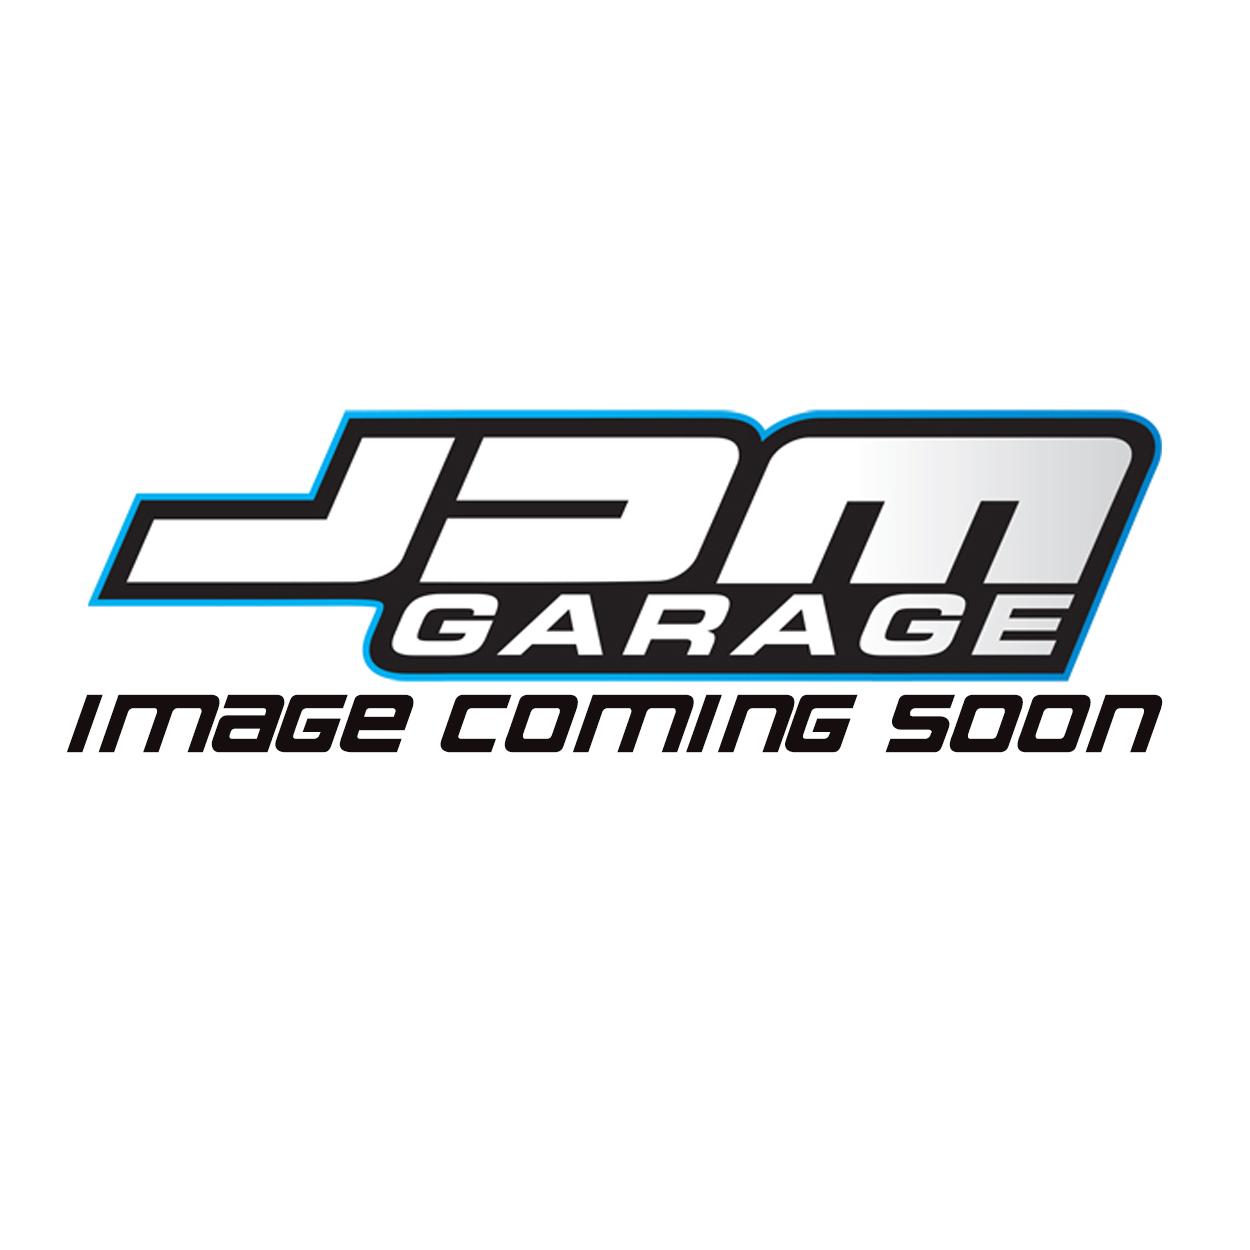 Genuine Toyota Throttle Position Sensor TPS 1JZ-GTE VVTI For Toyota Chaser Cresta Soarer  89452-24020